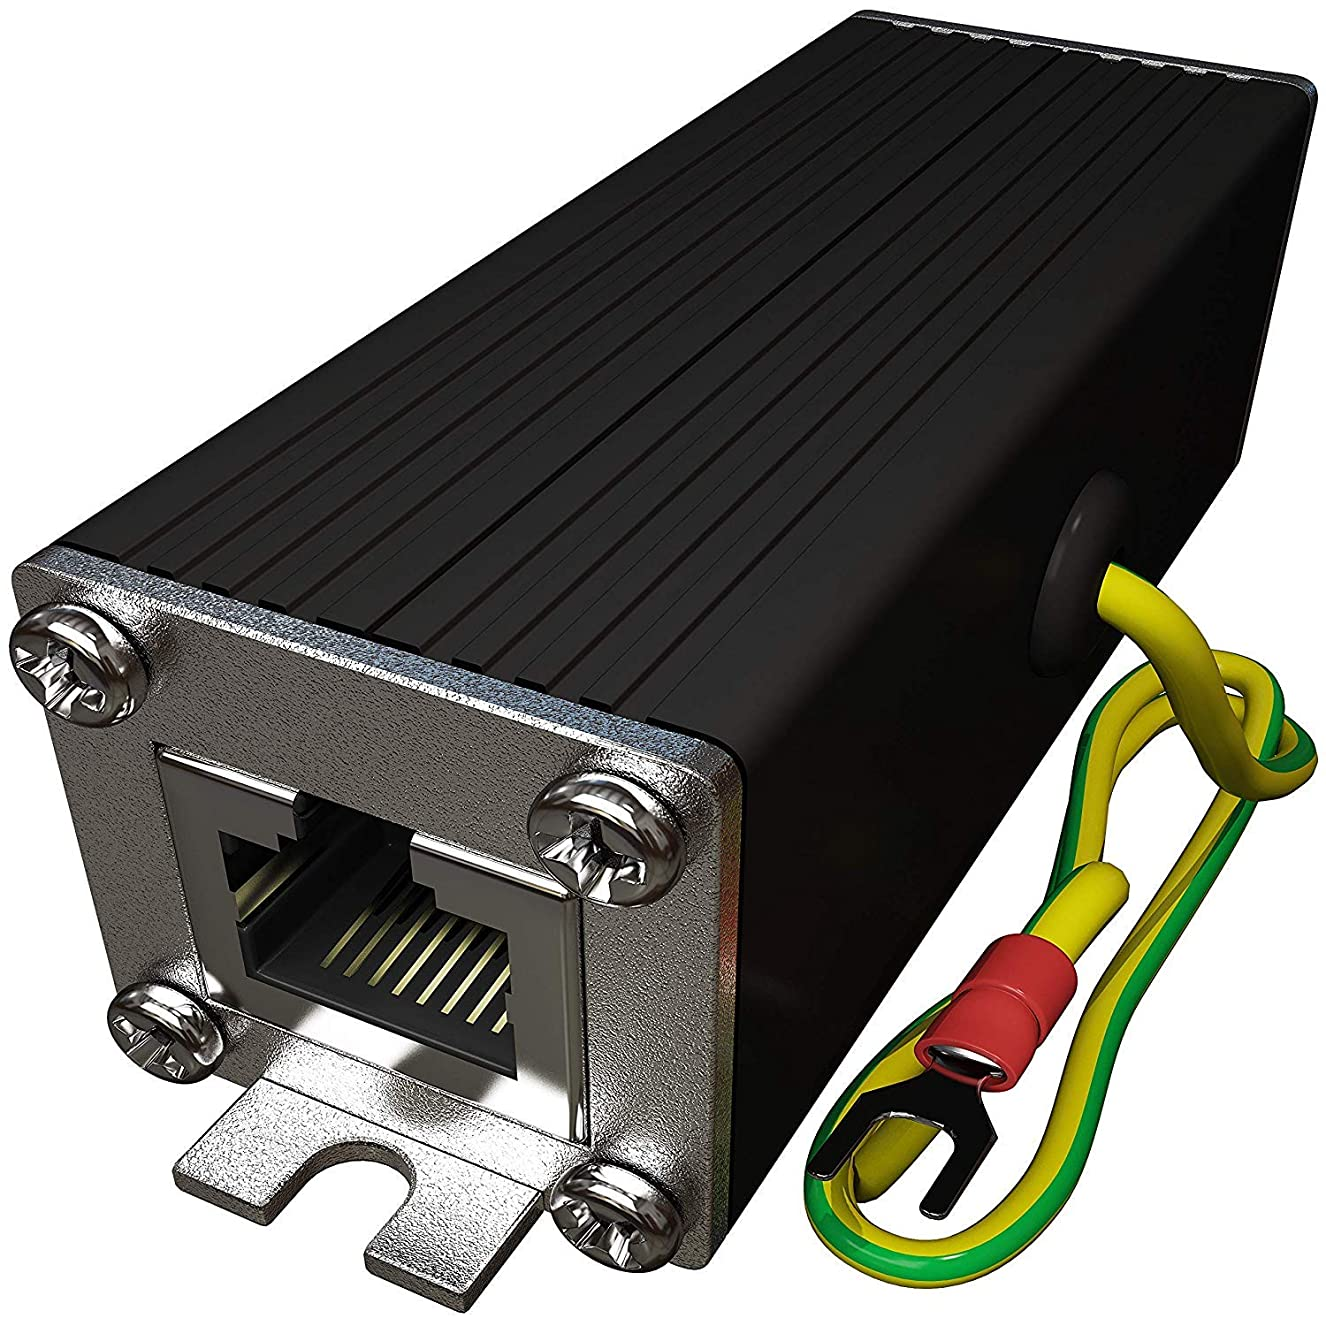 くるみ成分トリクルイーサネットサージプロテクタPoE+ ギガビット – 安全保護用ガス放電管‐取付フランジ‐RJ45 避雷器‐LANネットワークCAT5/CAT6 避雷器 (GbE 1000 Mbps) Ethernet Surge Protector RJ45 Network Lightning Suppressor - Tupavco TP302